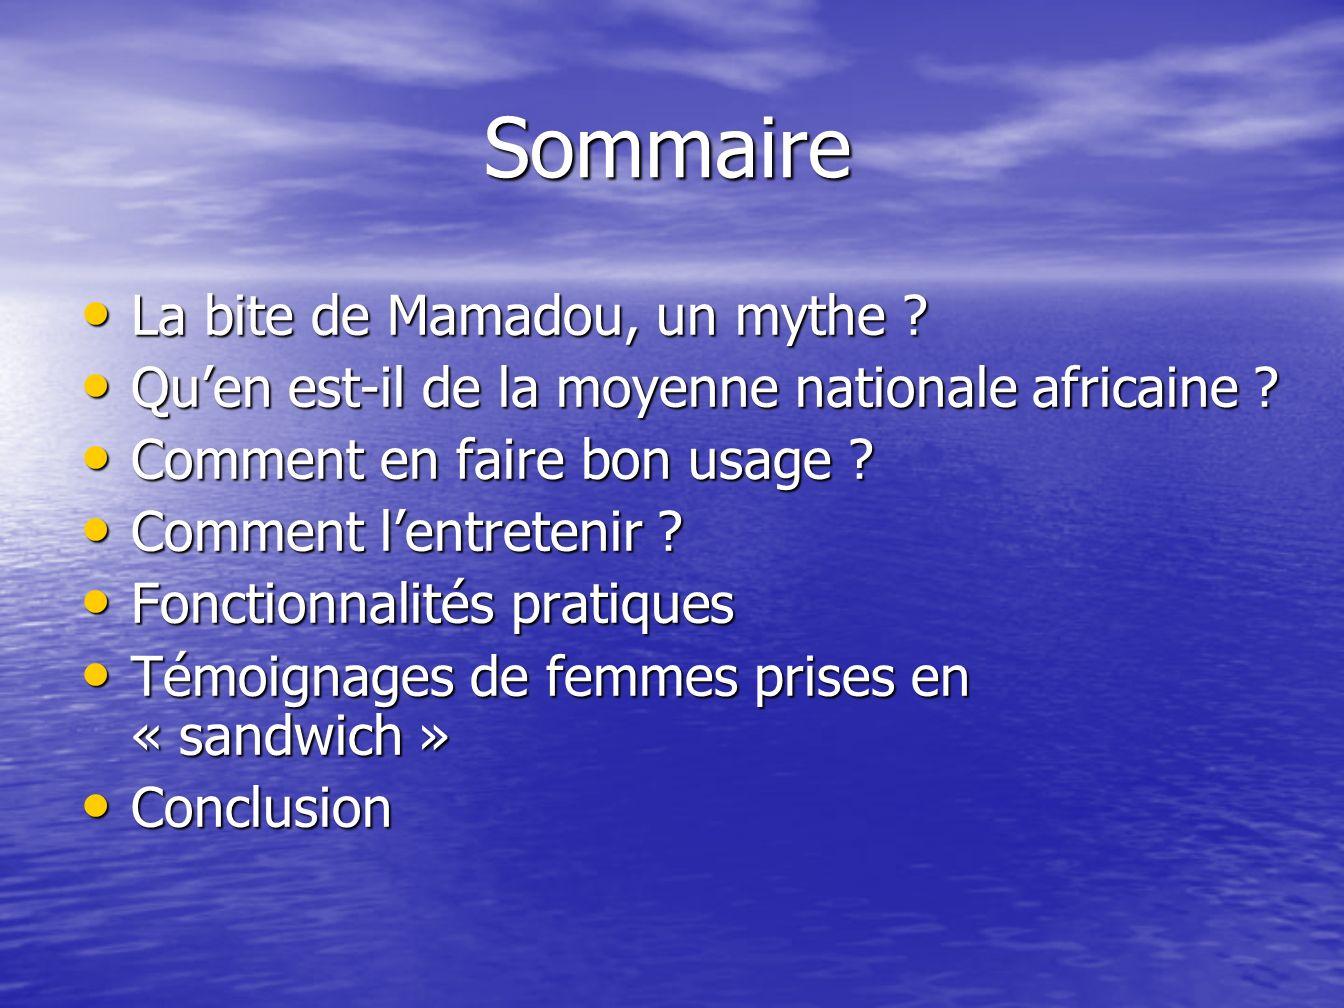 I_ La Bite a Mamadou, un mythe Dans cette partie, nous allons nous intéresser à la légende populaire selon laquelle les personnes dorigine africaine antillaise noire étant de naissance dotés dun sexe dune taille proéminente, semblable même à la naissance à une troisième jambe.